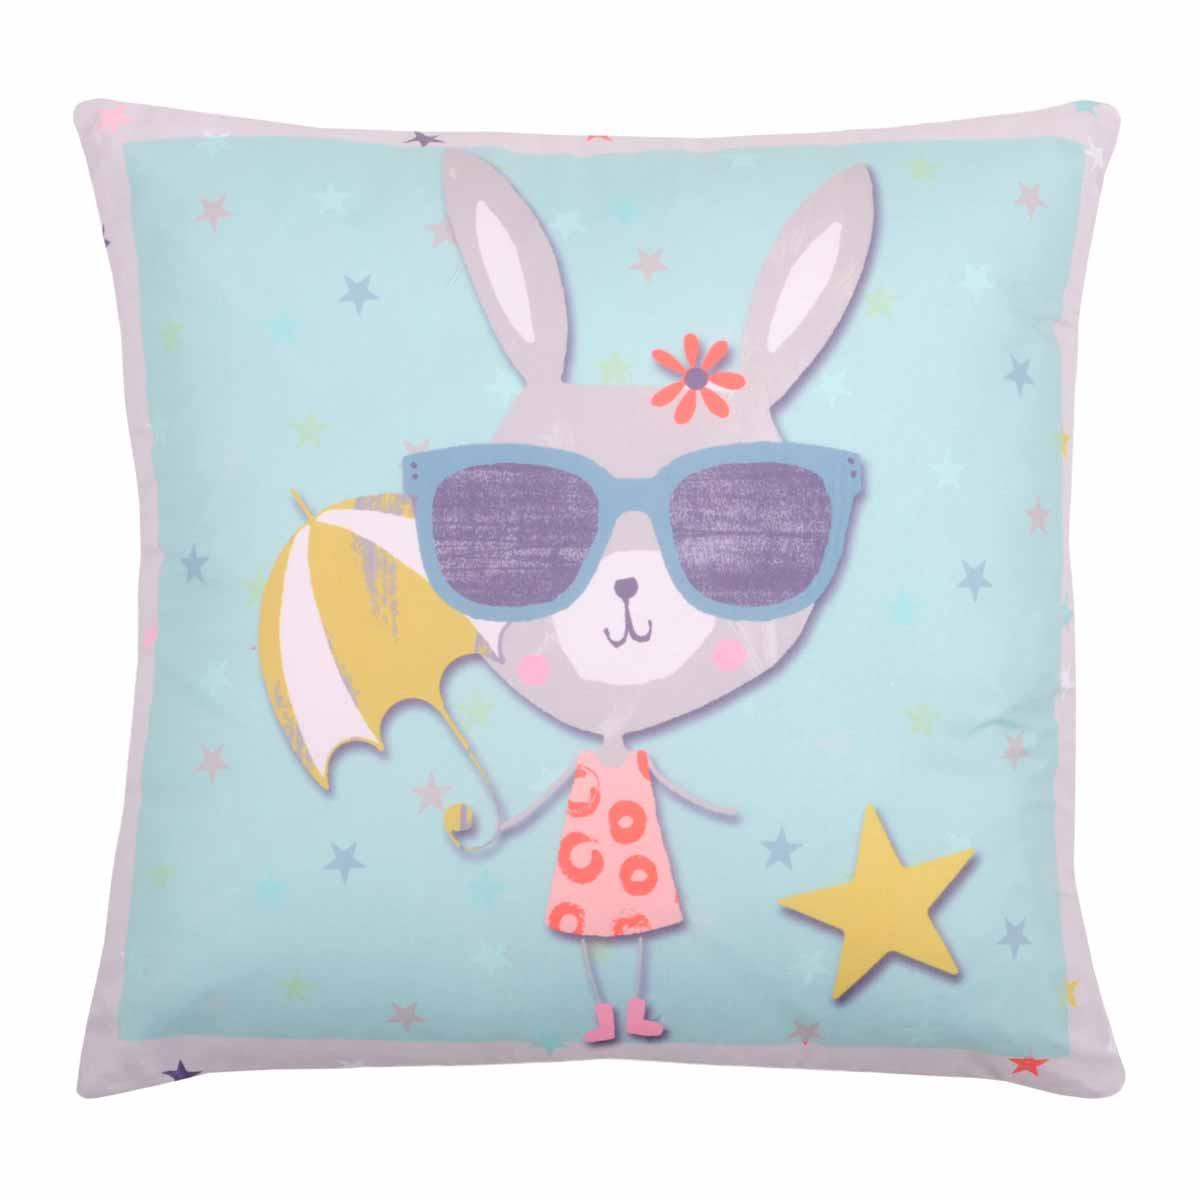 Διακοσμητικό Μαξιλάρι Luce Bleu C08876001 home   παιδικά   διακοσμητικά μαξιλάρια παιδικά